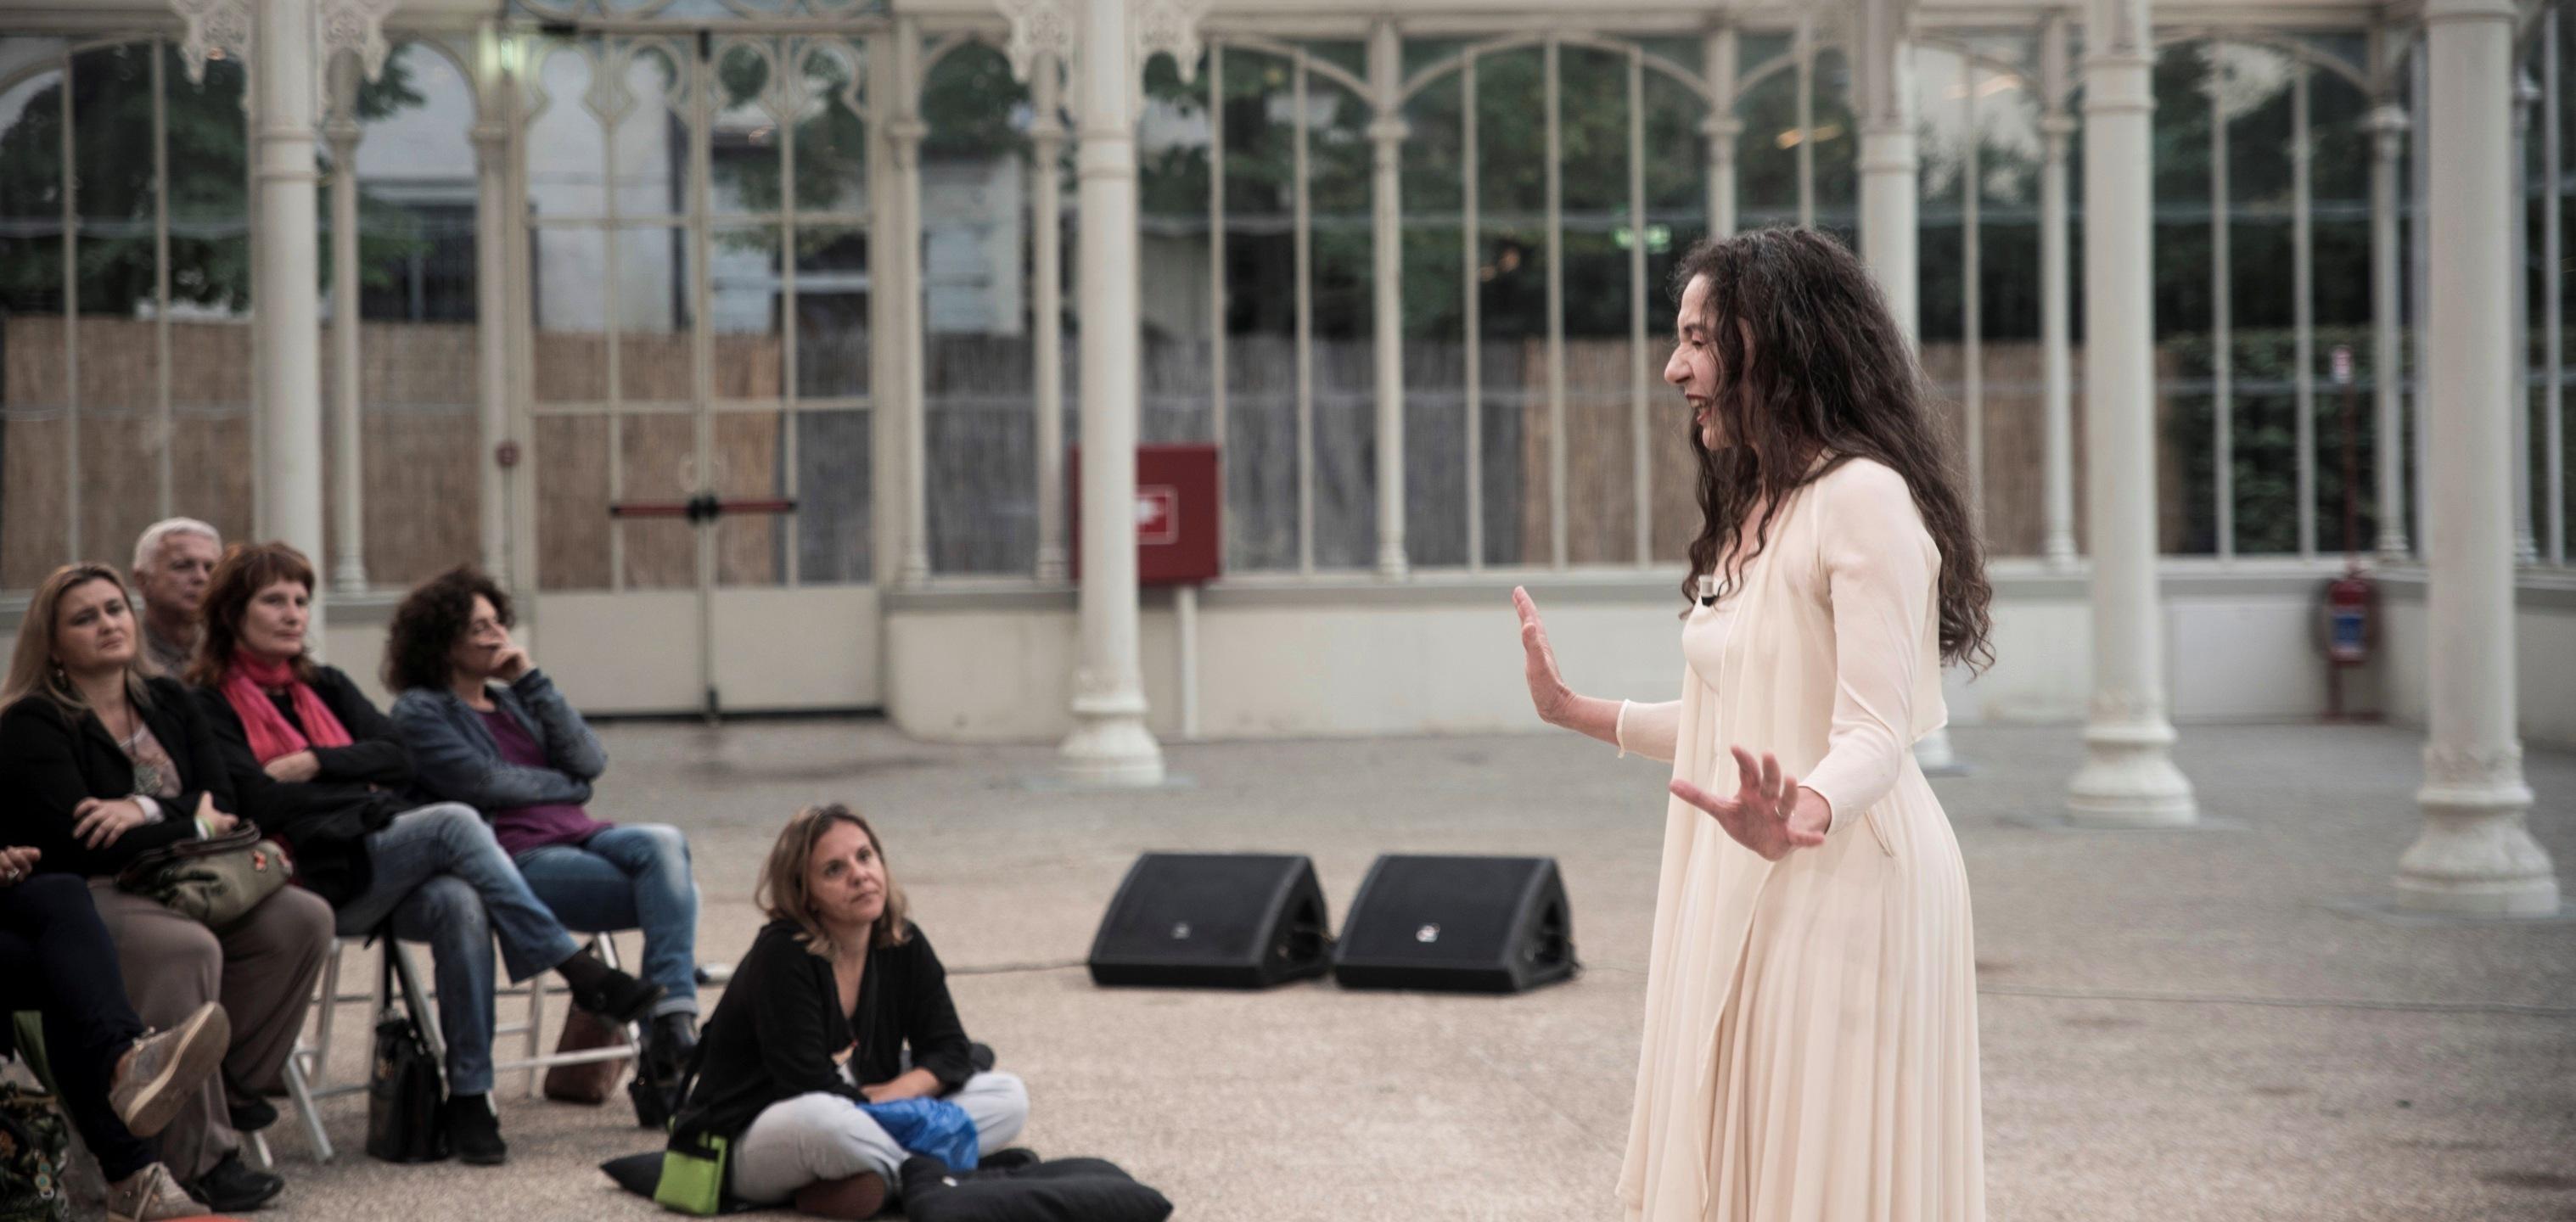 Vincenza Modica Trilogia dell'attesa. Foto ©Fosca